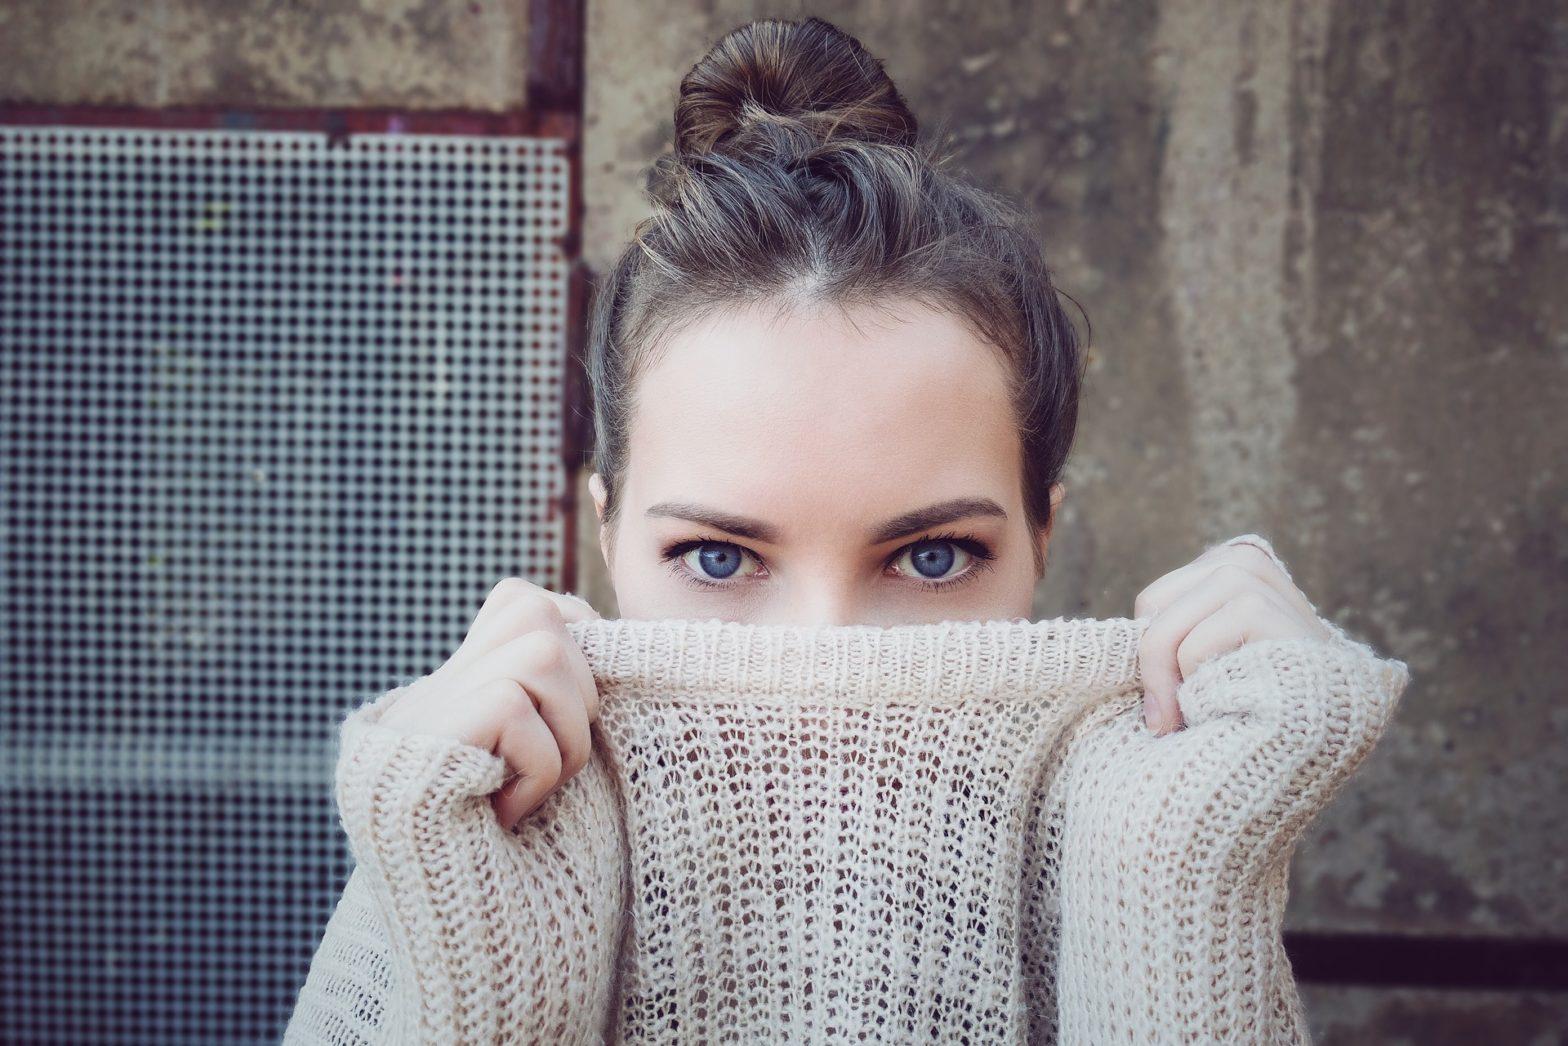 4 zabiegi estetyczne pod oczy, dzięki którym odzyskasz świeże spojrzenie